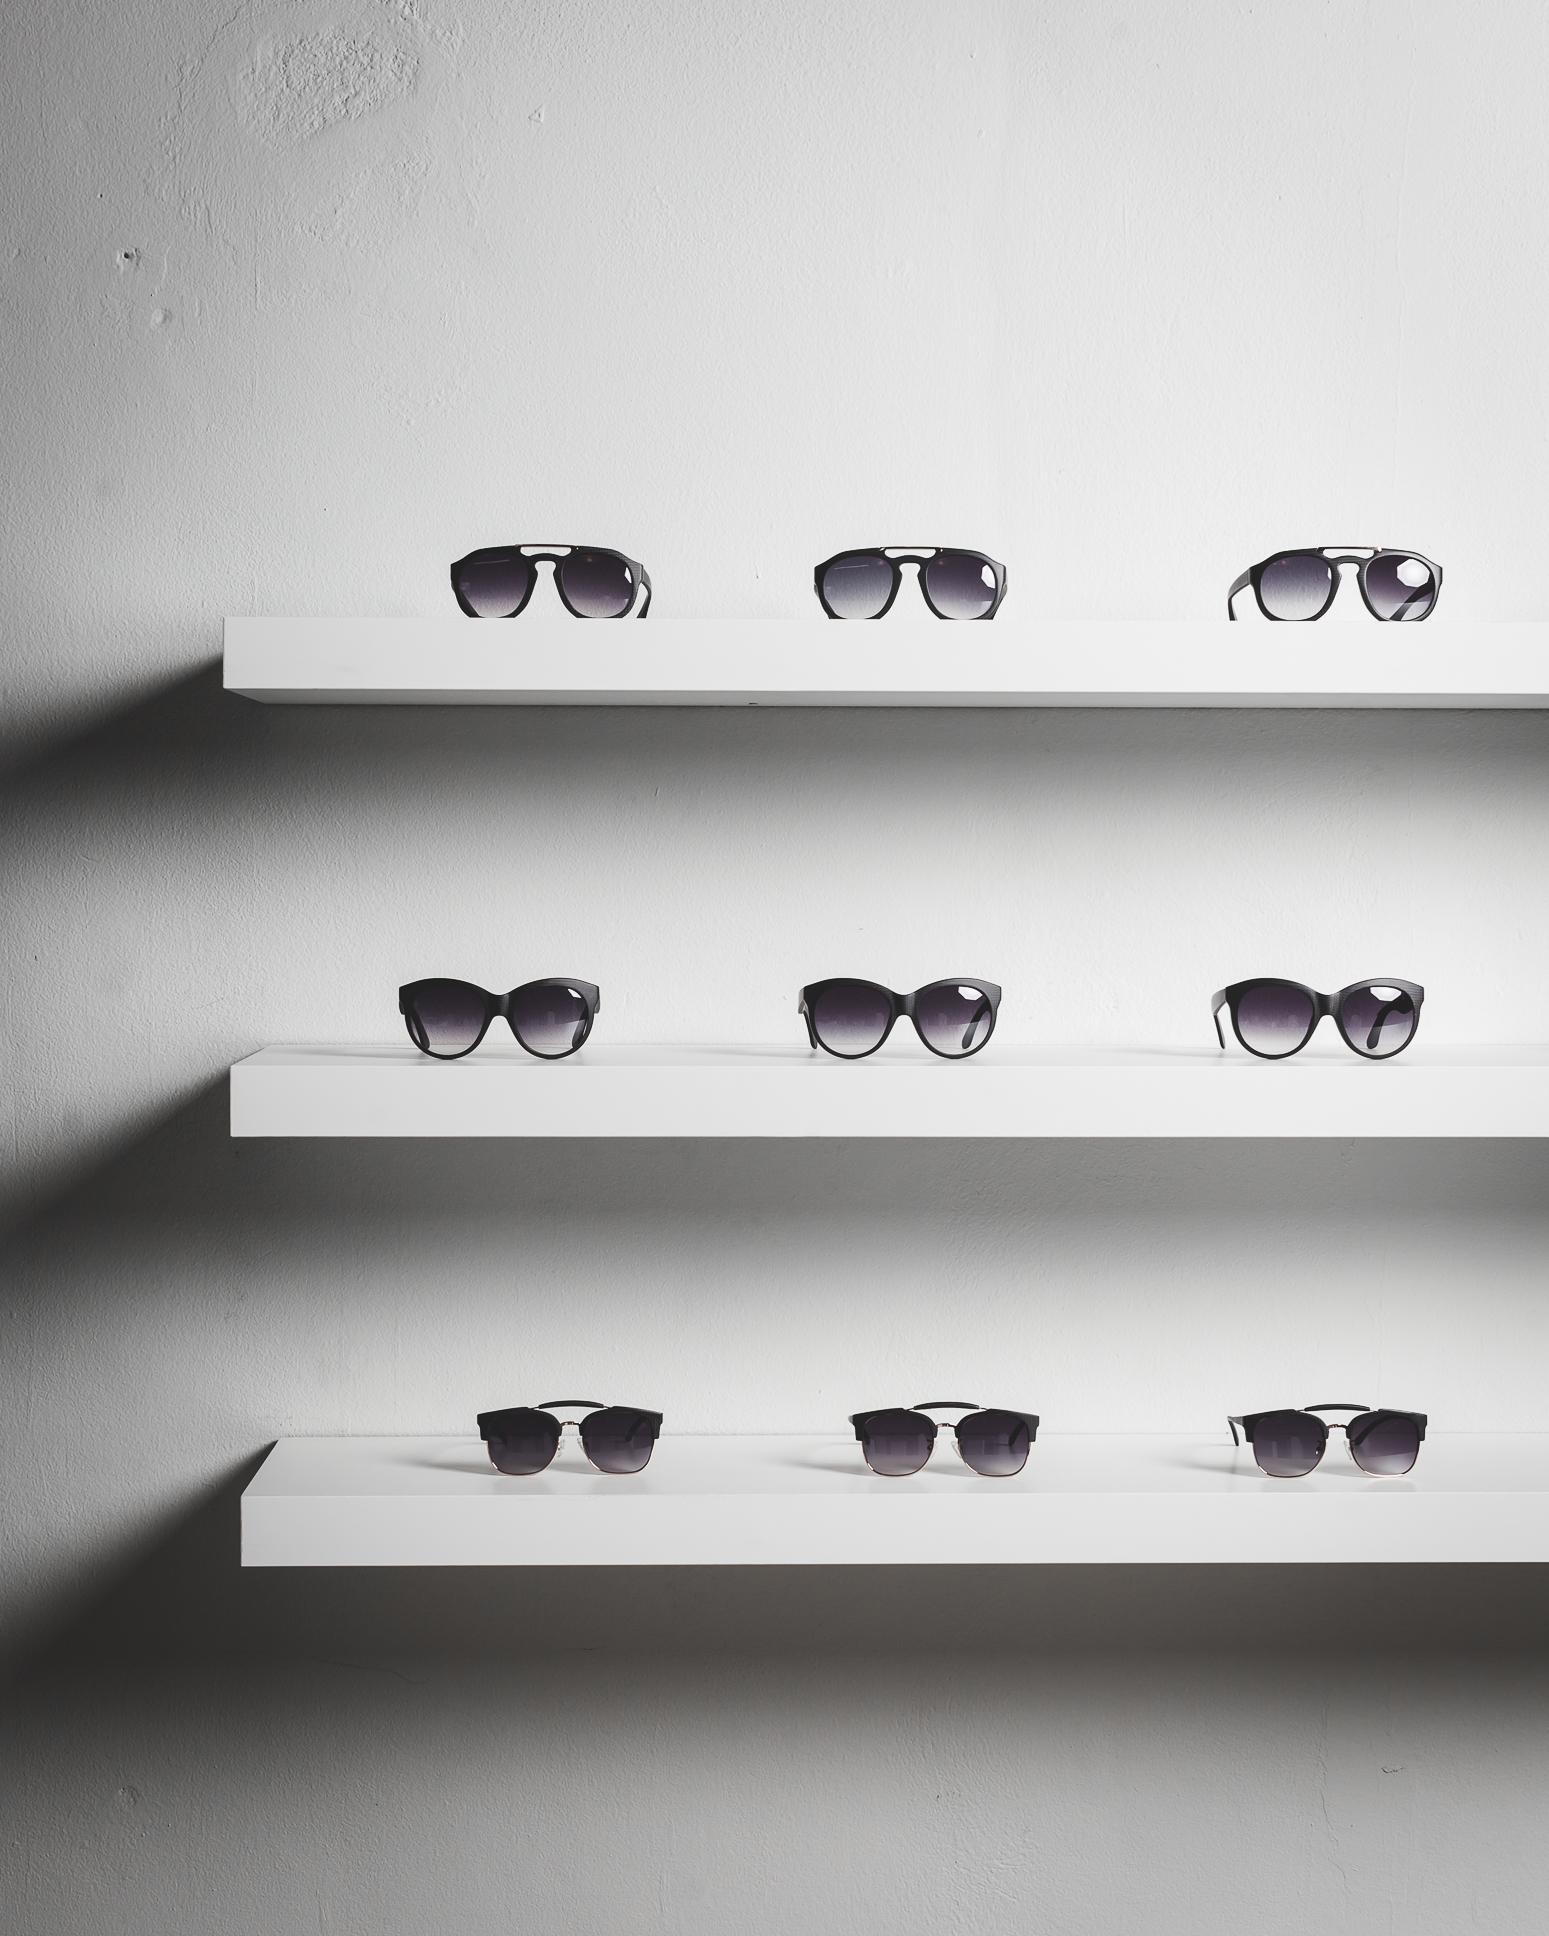 Dirocco eyewear by Jay Pegg